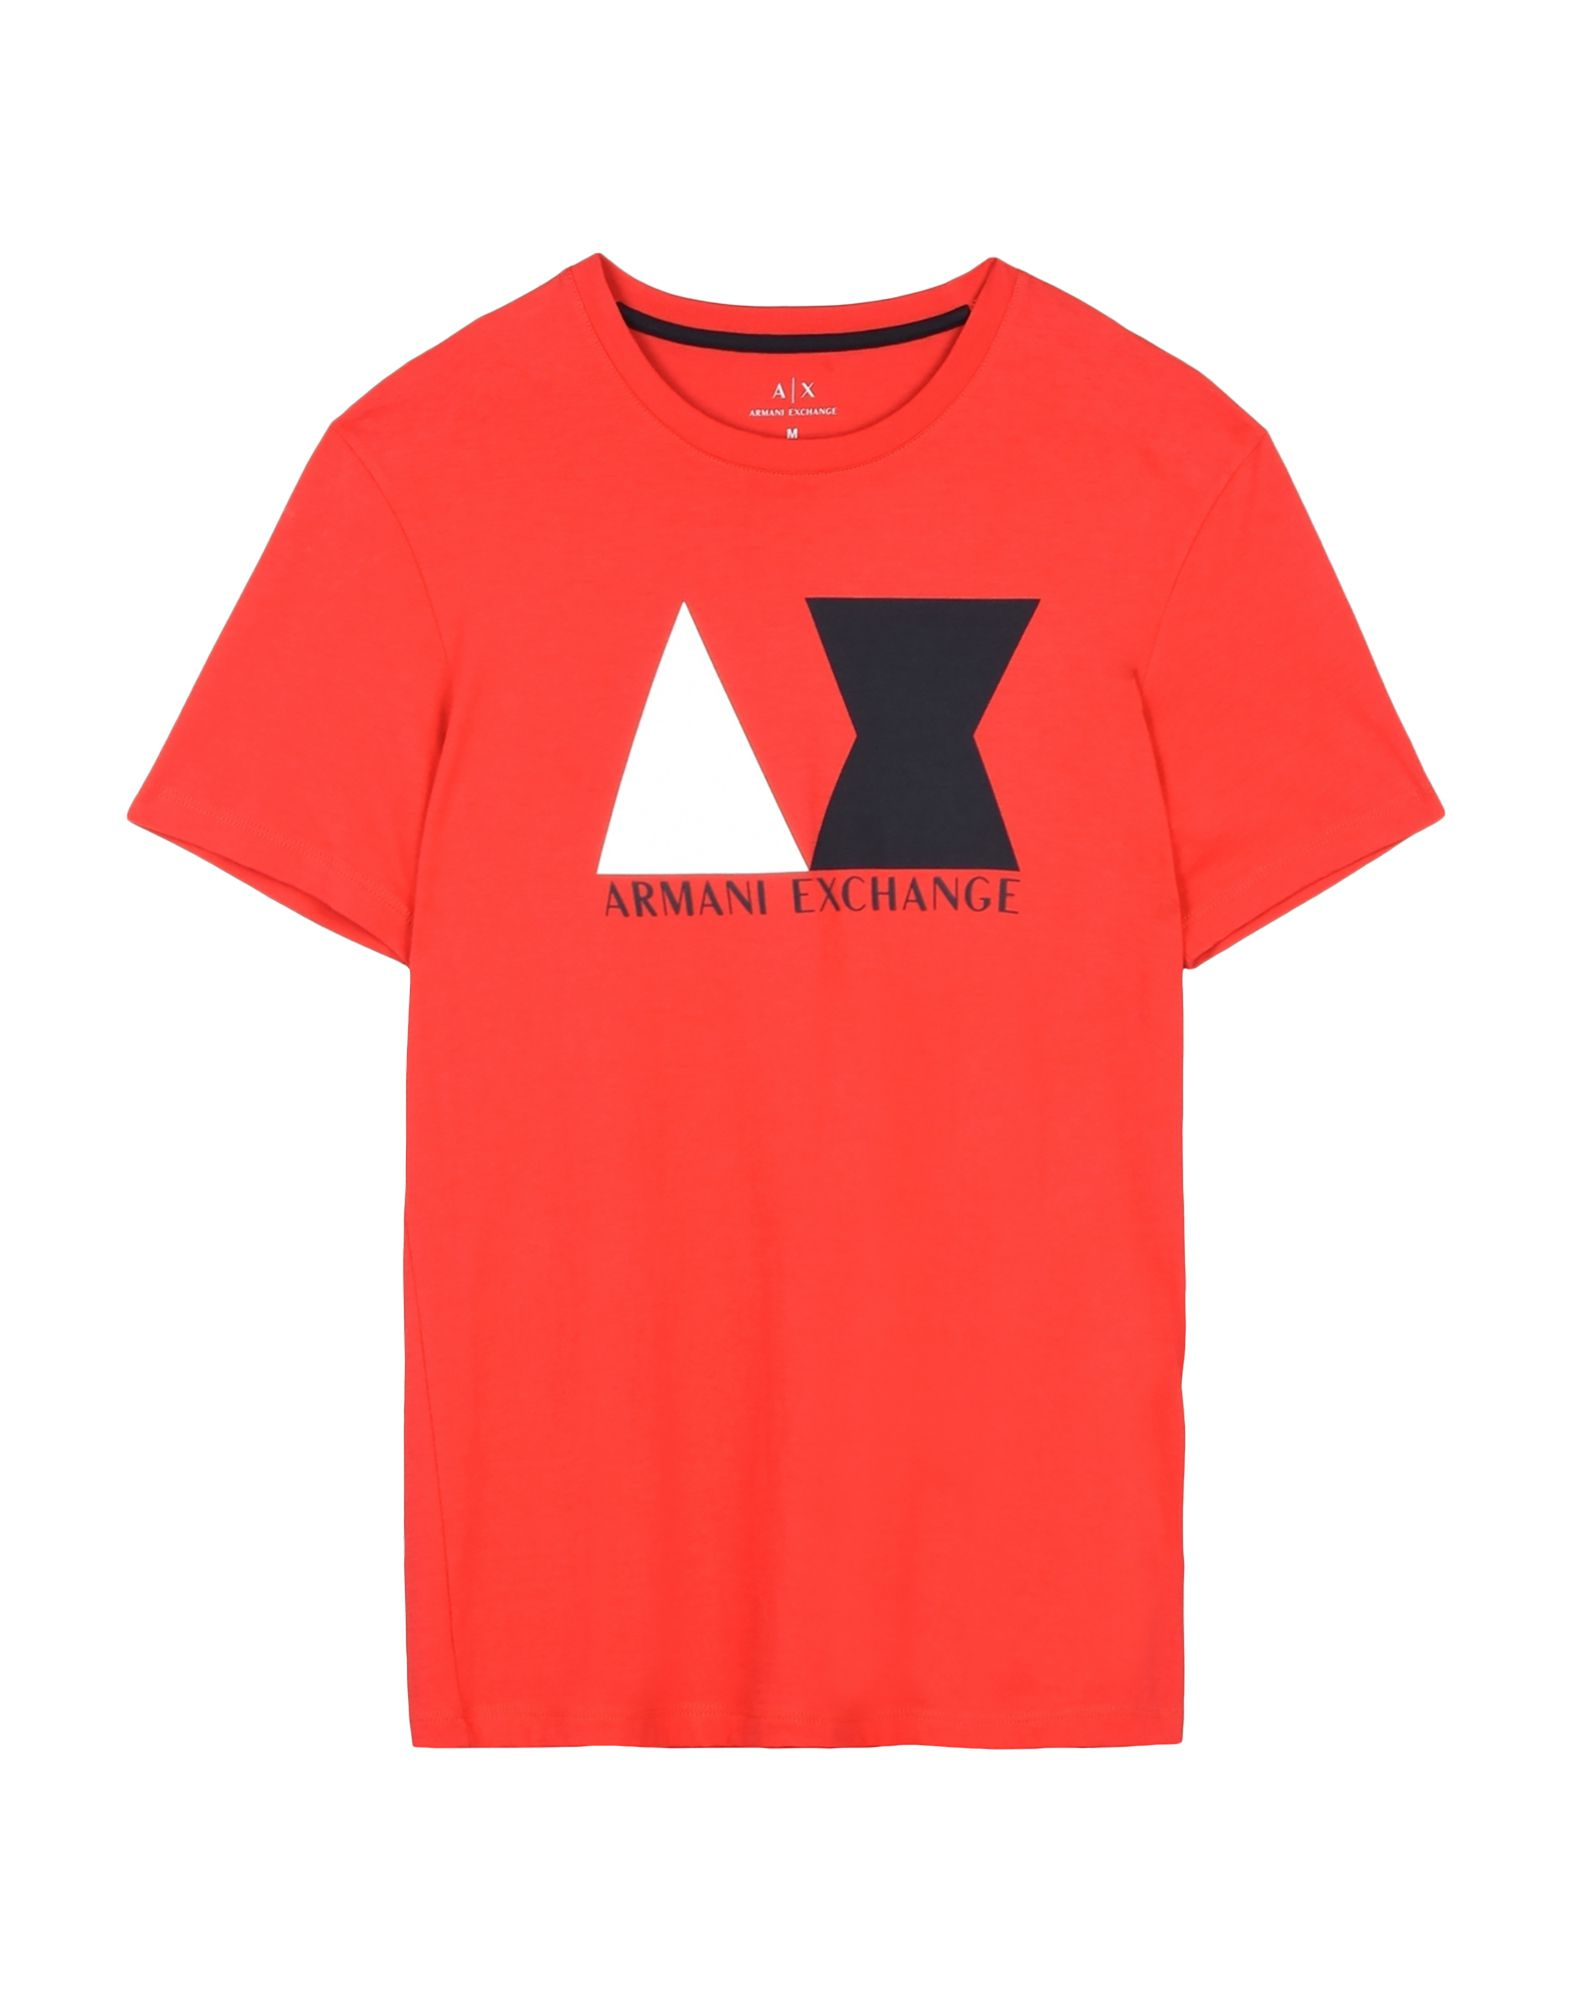 《送料無料》ARMANI EXCHANGE メンズ T シャツ レッド XS ピマコットン 100%